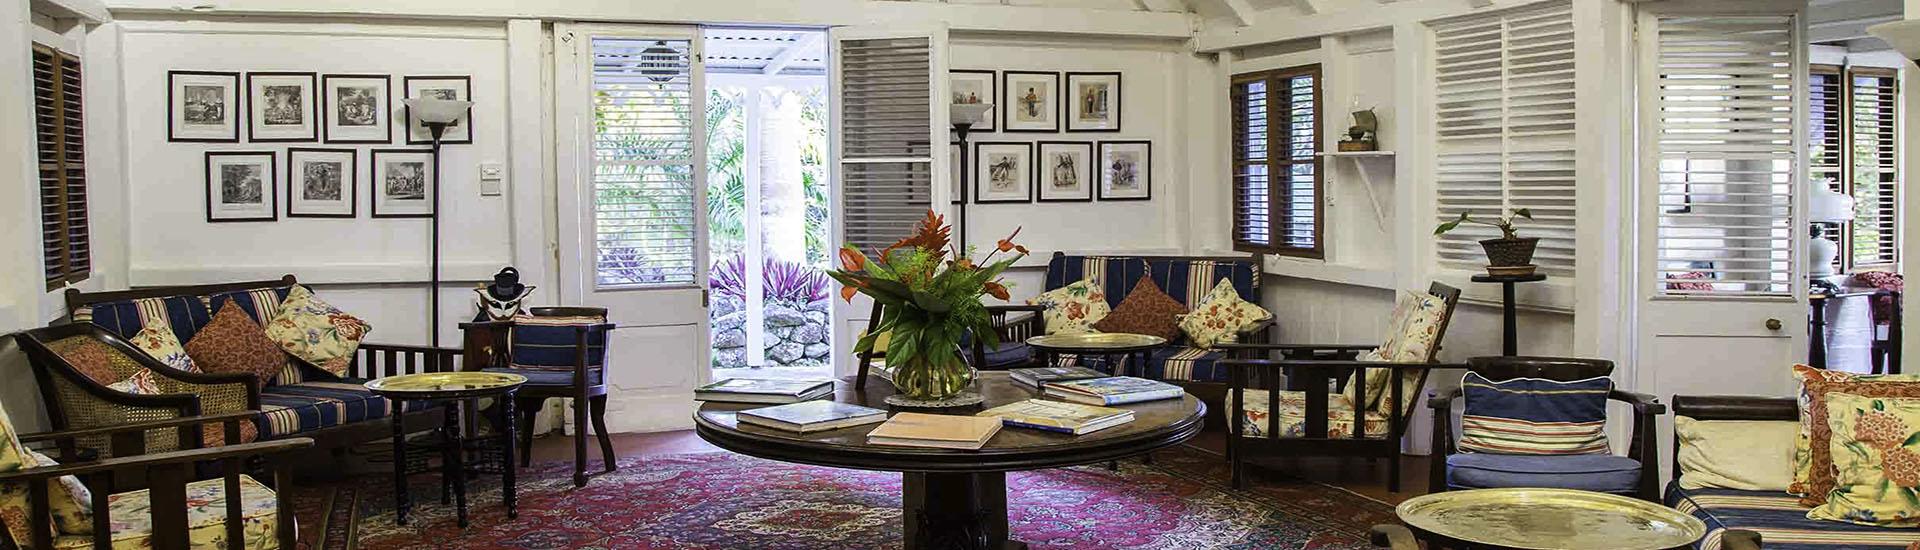 отель The Greathouse of The Hermitage на острове Невис